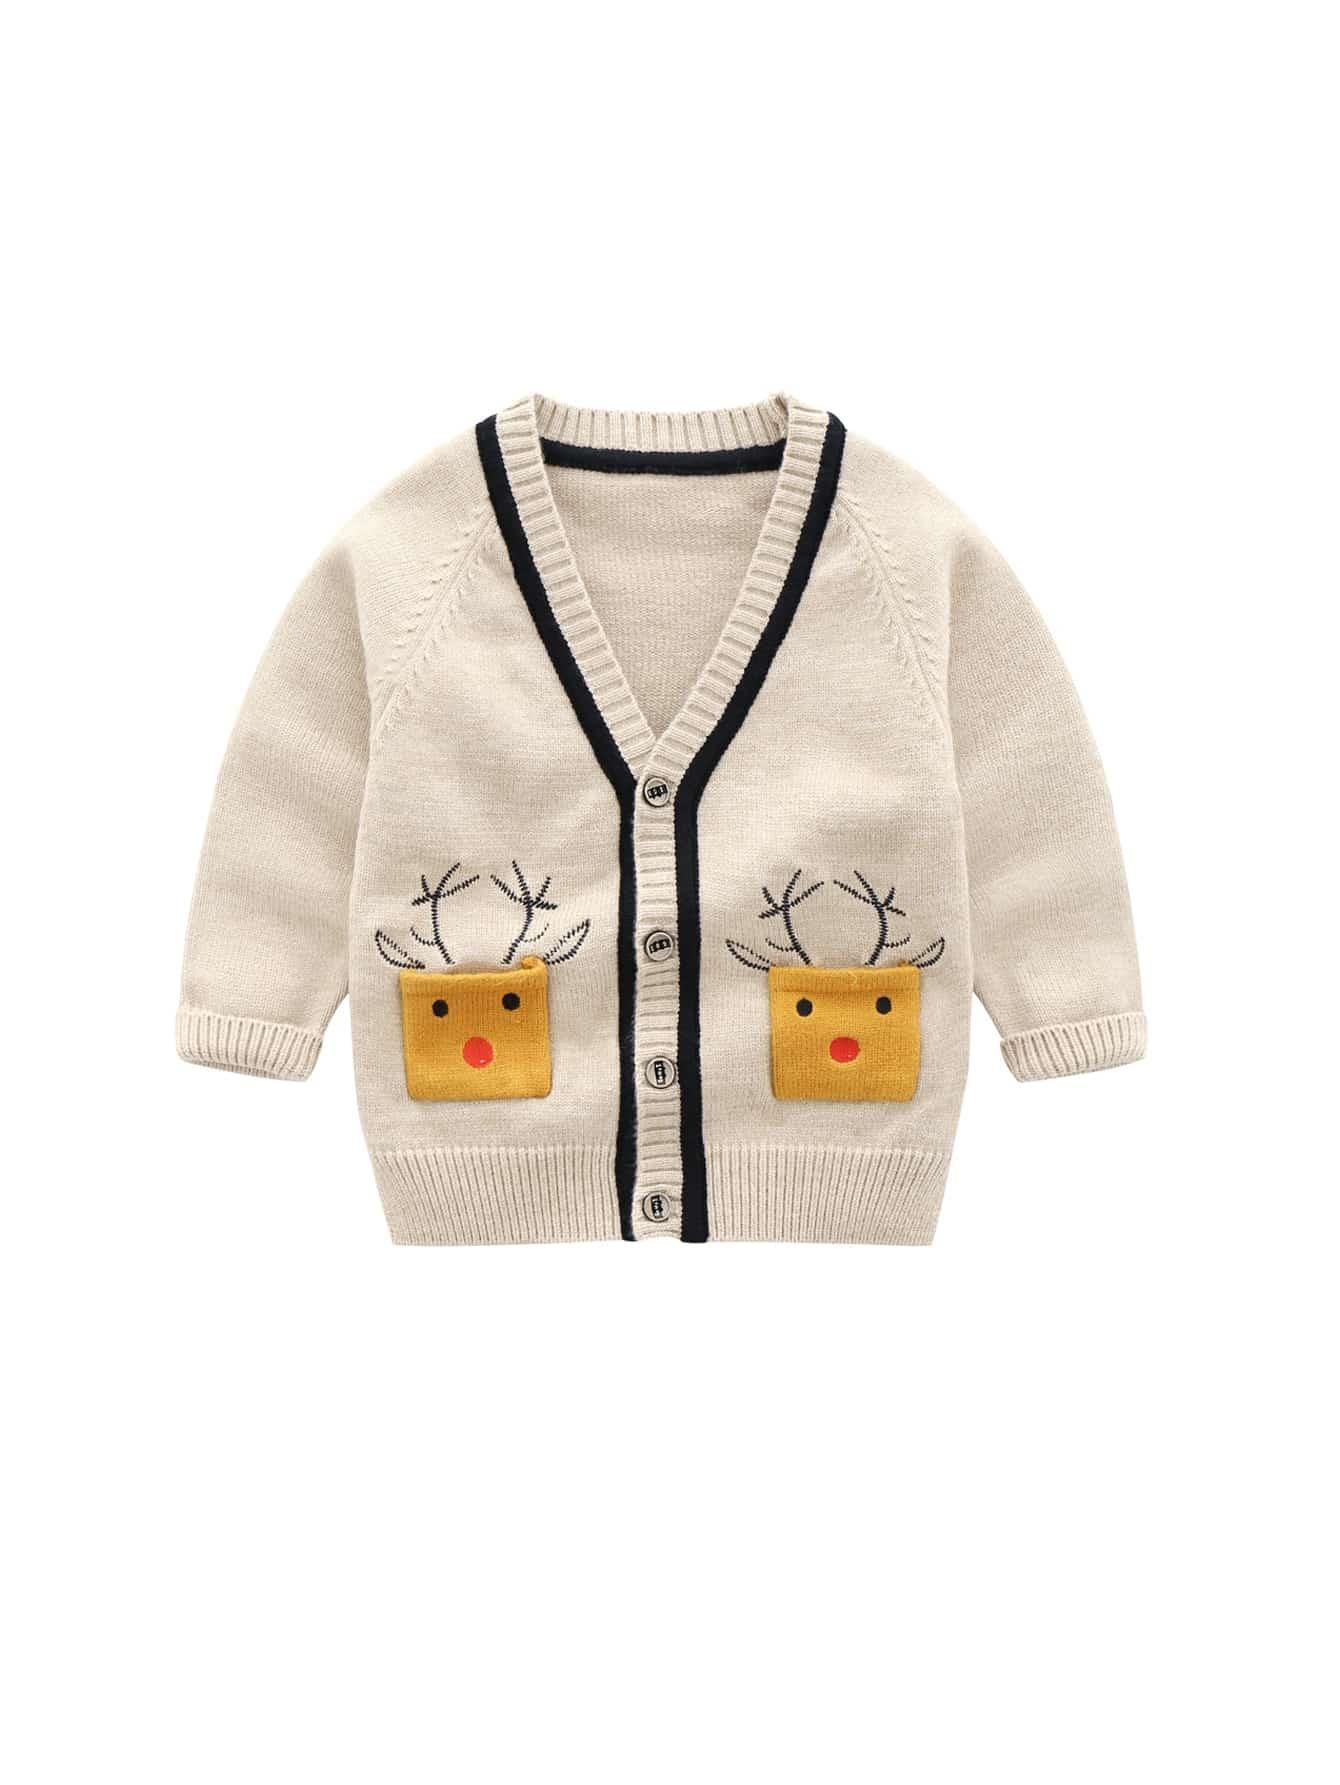 Купить Для маленьких девочек свитер с принтом мультфильма с карманом, null, SheIn